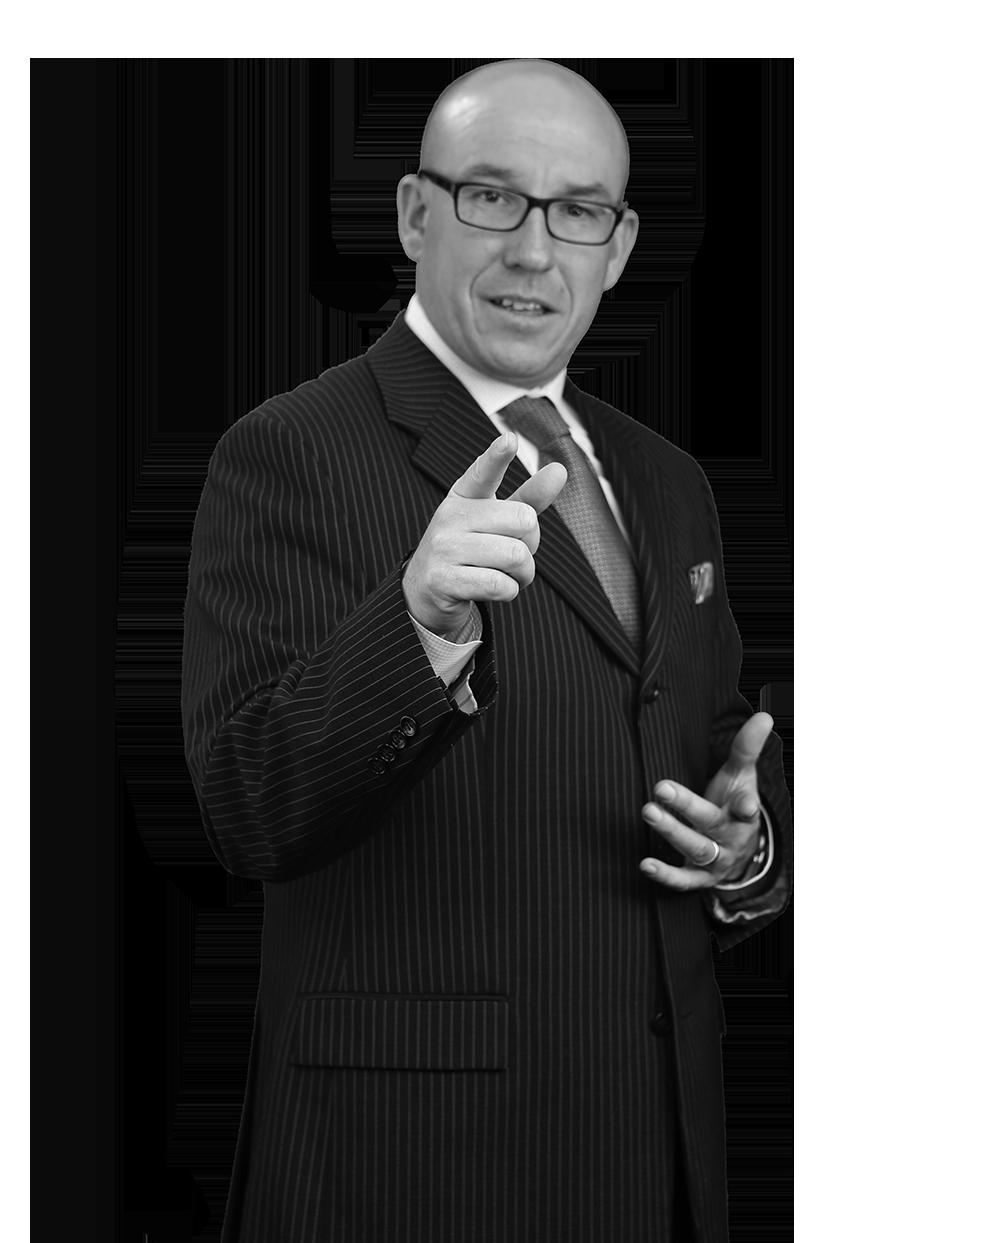 Me Jean-Sebastien Boucher, avocat | Membre de l'équipe Barrette & Associés | Avocats